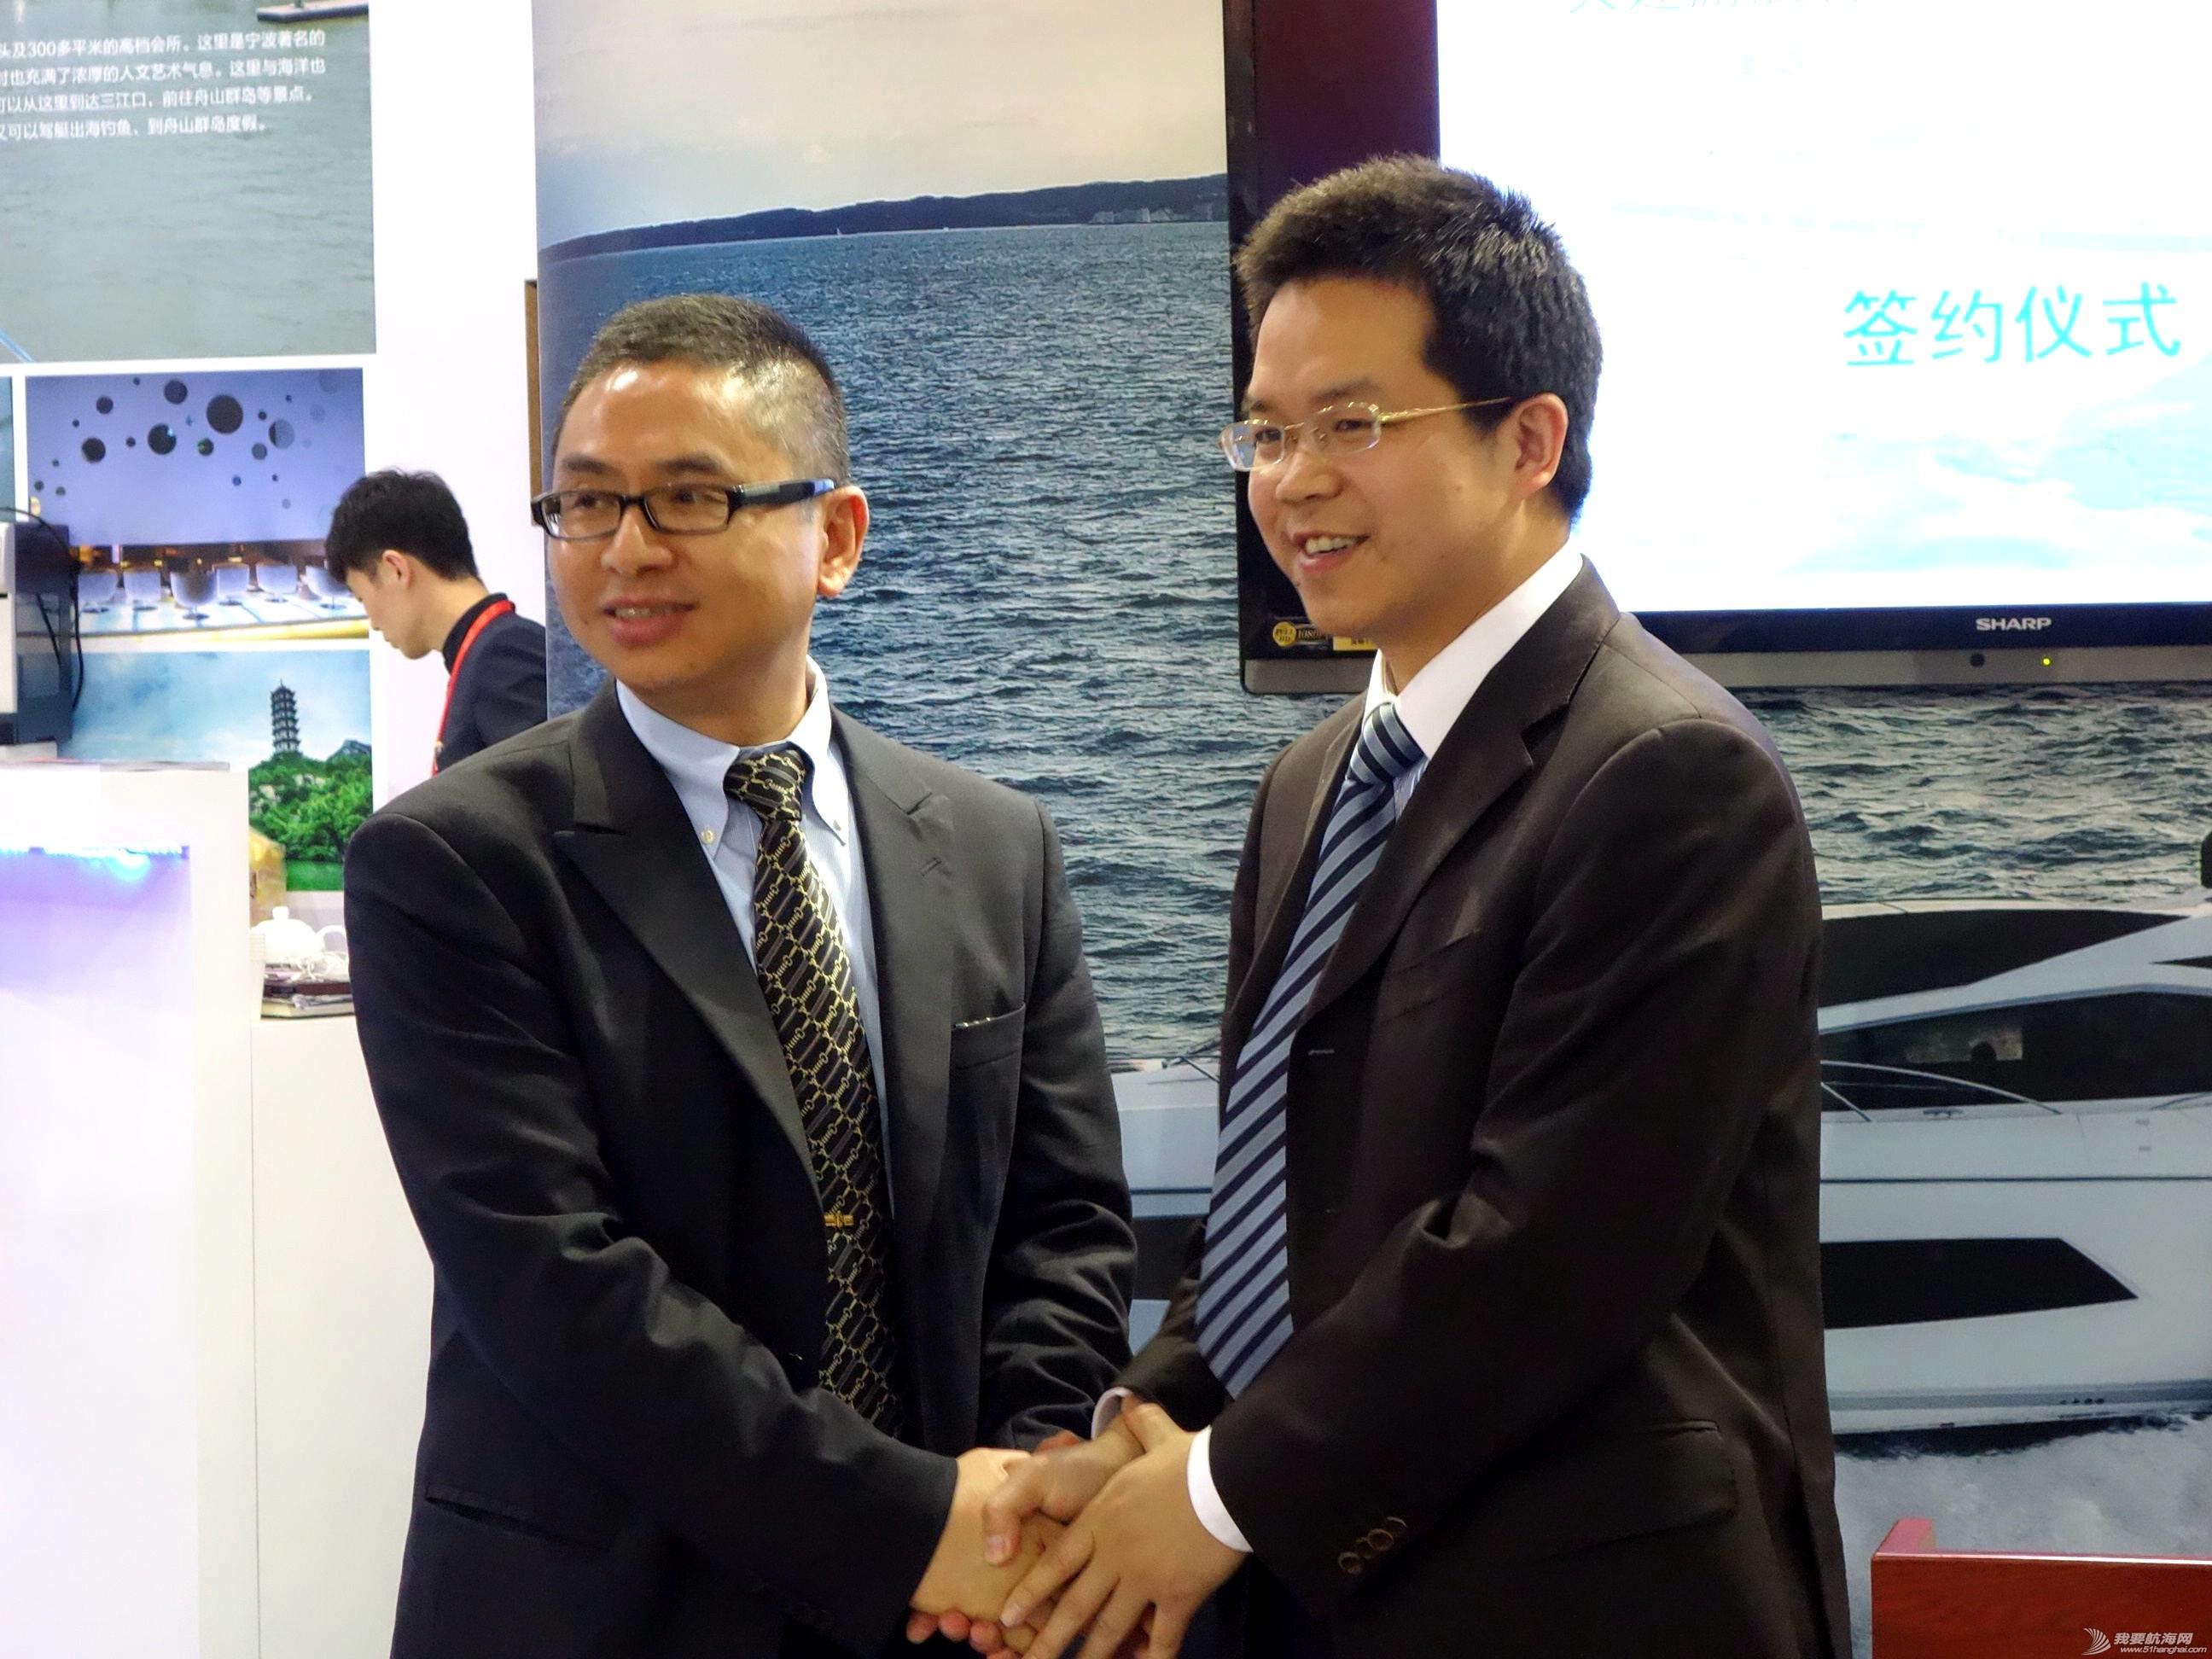 莱悦游艇集团与上海海事大学共建游艇行业专业人才培养平台 1.jpg